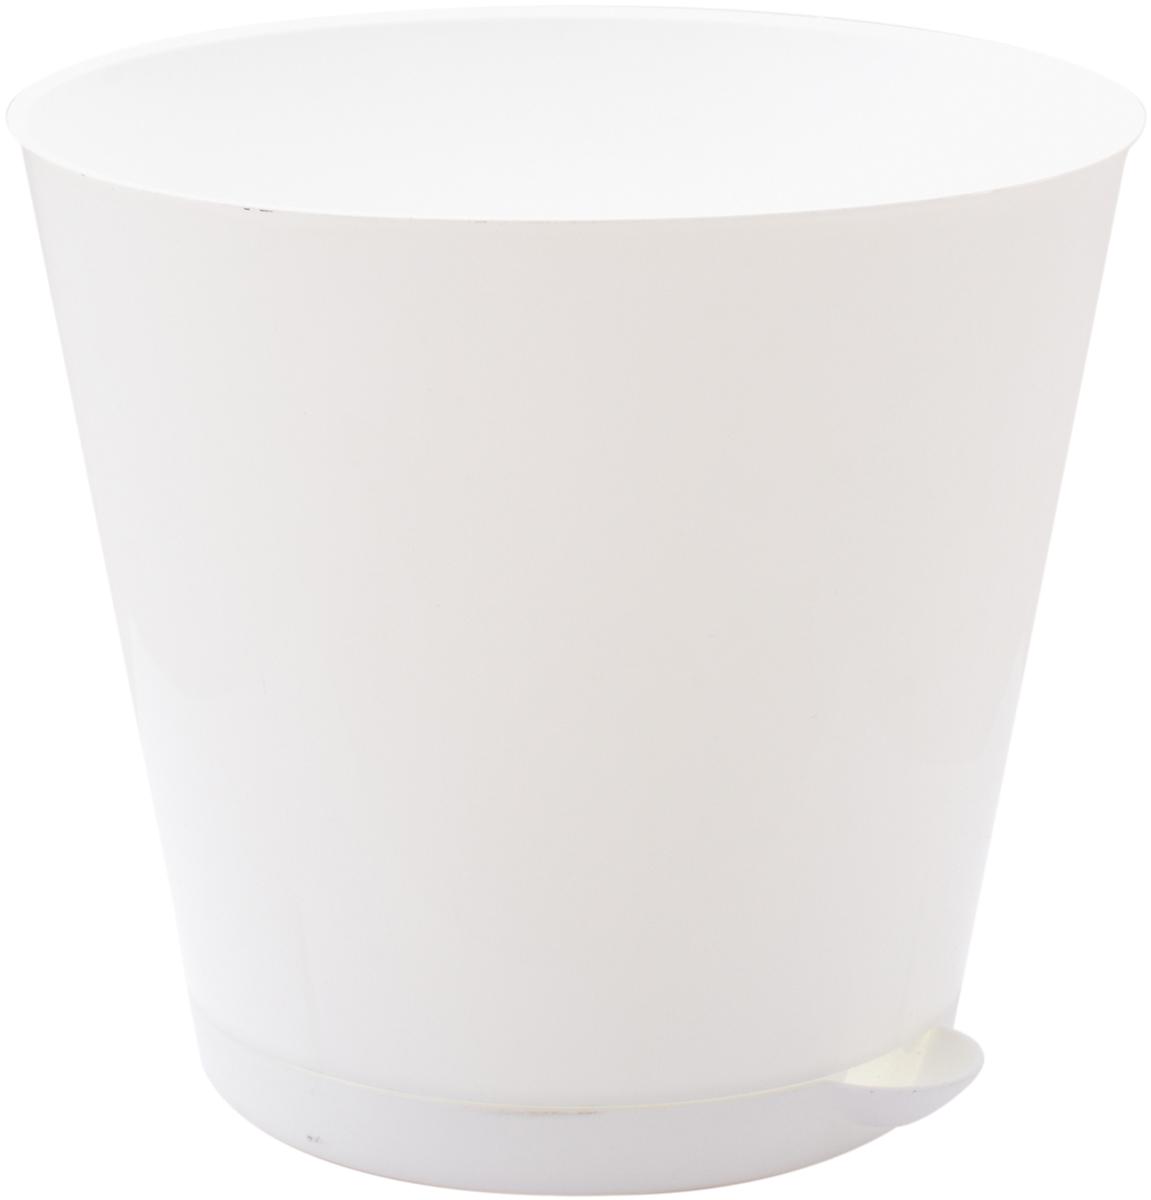 Горшок для цветов InGreen Крит, с системой прикорневого полива, цвет: белый, диаметр 25,4 смING46025БЛГоршок InGreen Крит, выполненный из высококачественного пластика, предназначен для выращивания комнатных цветов, растений и трав. Специальная конструкция обеспечивает вентиляцию в корневой системе растения, а дренажные отверстия позволяют выходить лишней влаге из почвы. Крепежные отверстия и штыри прочно крепят подставку к горшку. Прикорневой полив растения осуществляется через удобный носик. Система прикорневого полива позволяет оставлять комнатное растение без внимания тем, кто часто находится в командировках или собирается в отпуск и не имеет возможности вовремя поливать цветы. Такой горшок порадует вас современным дизайном и функциональностью, а также оригинально украсит интерьер любого помещения. Объем: 7 л. Диаметр горшка (по верхнему краю): 25,4 см. Высота горшка: 22,6 см.